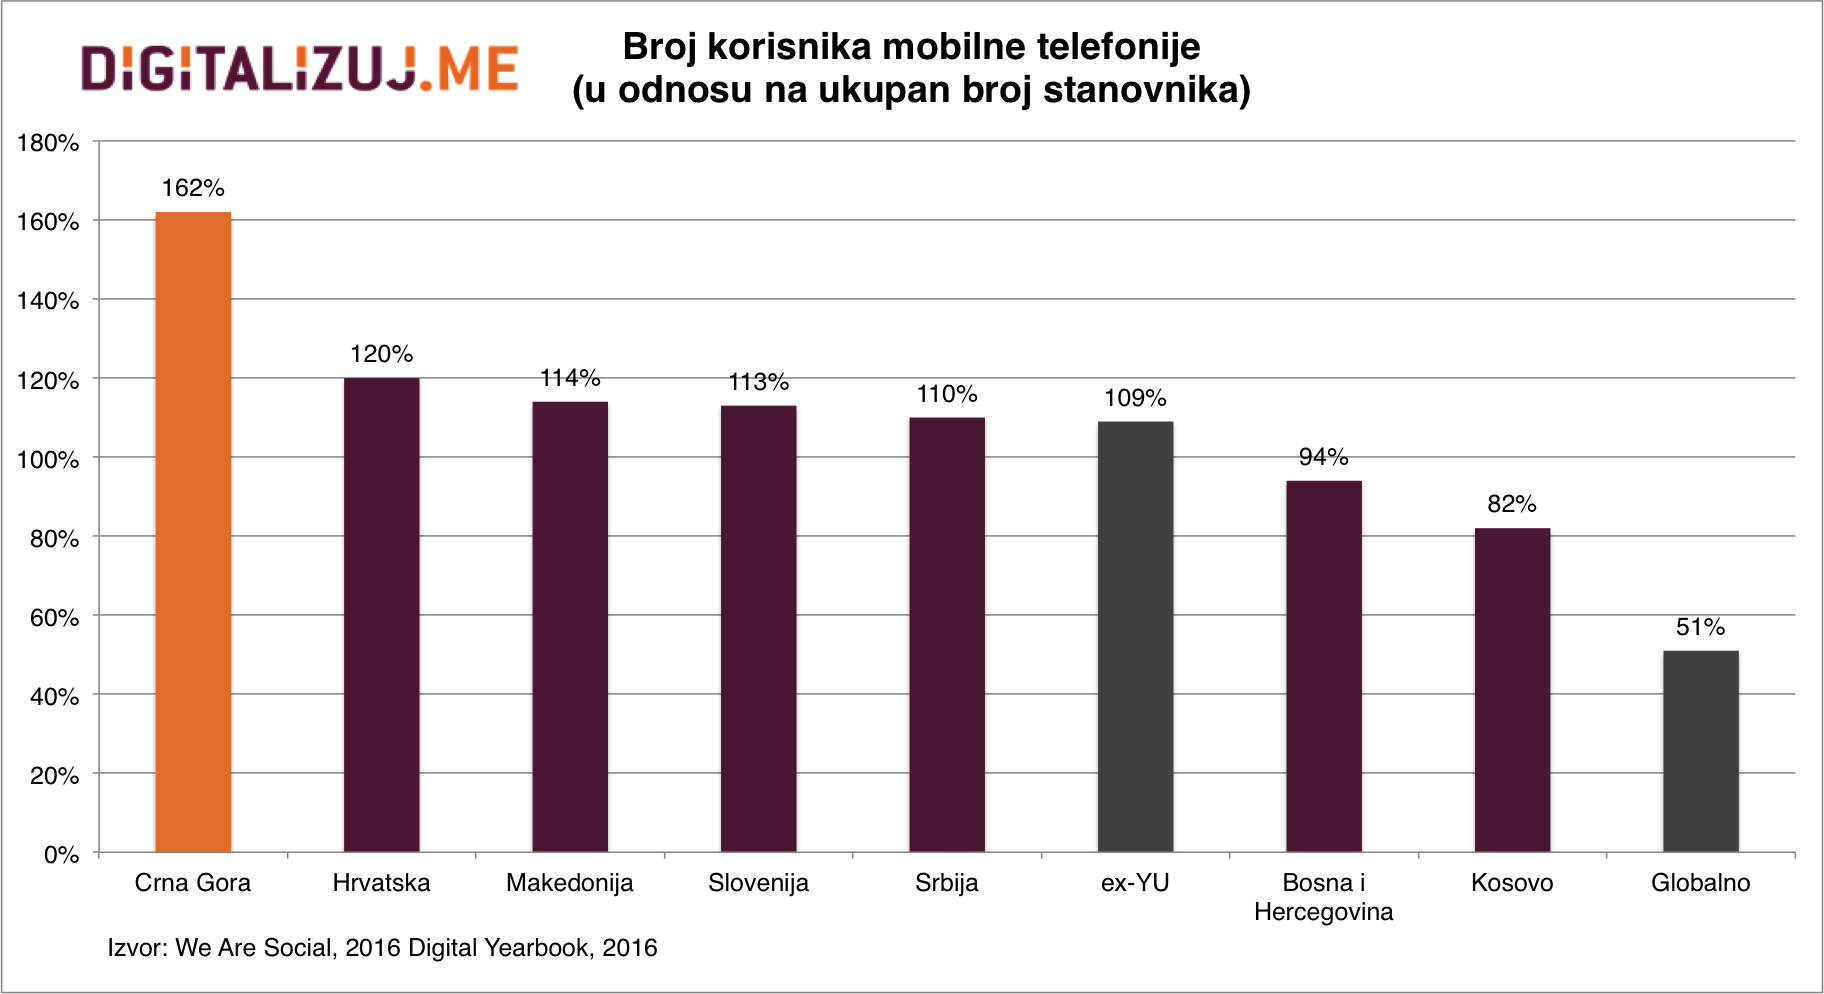 Broj korisnika mobilne telefonije na ex-YU prostoru - 2016